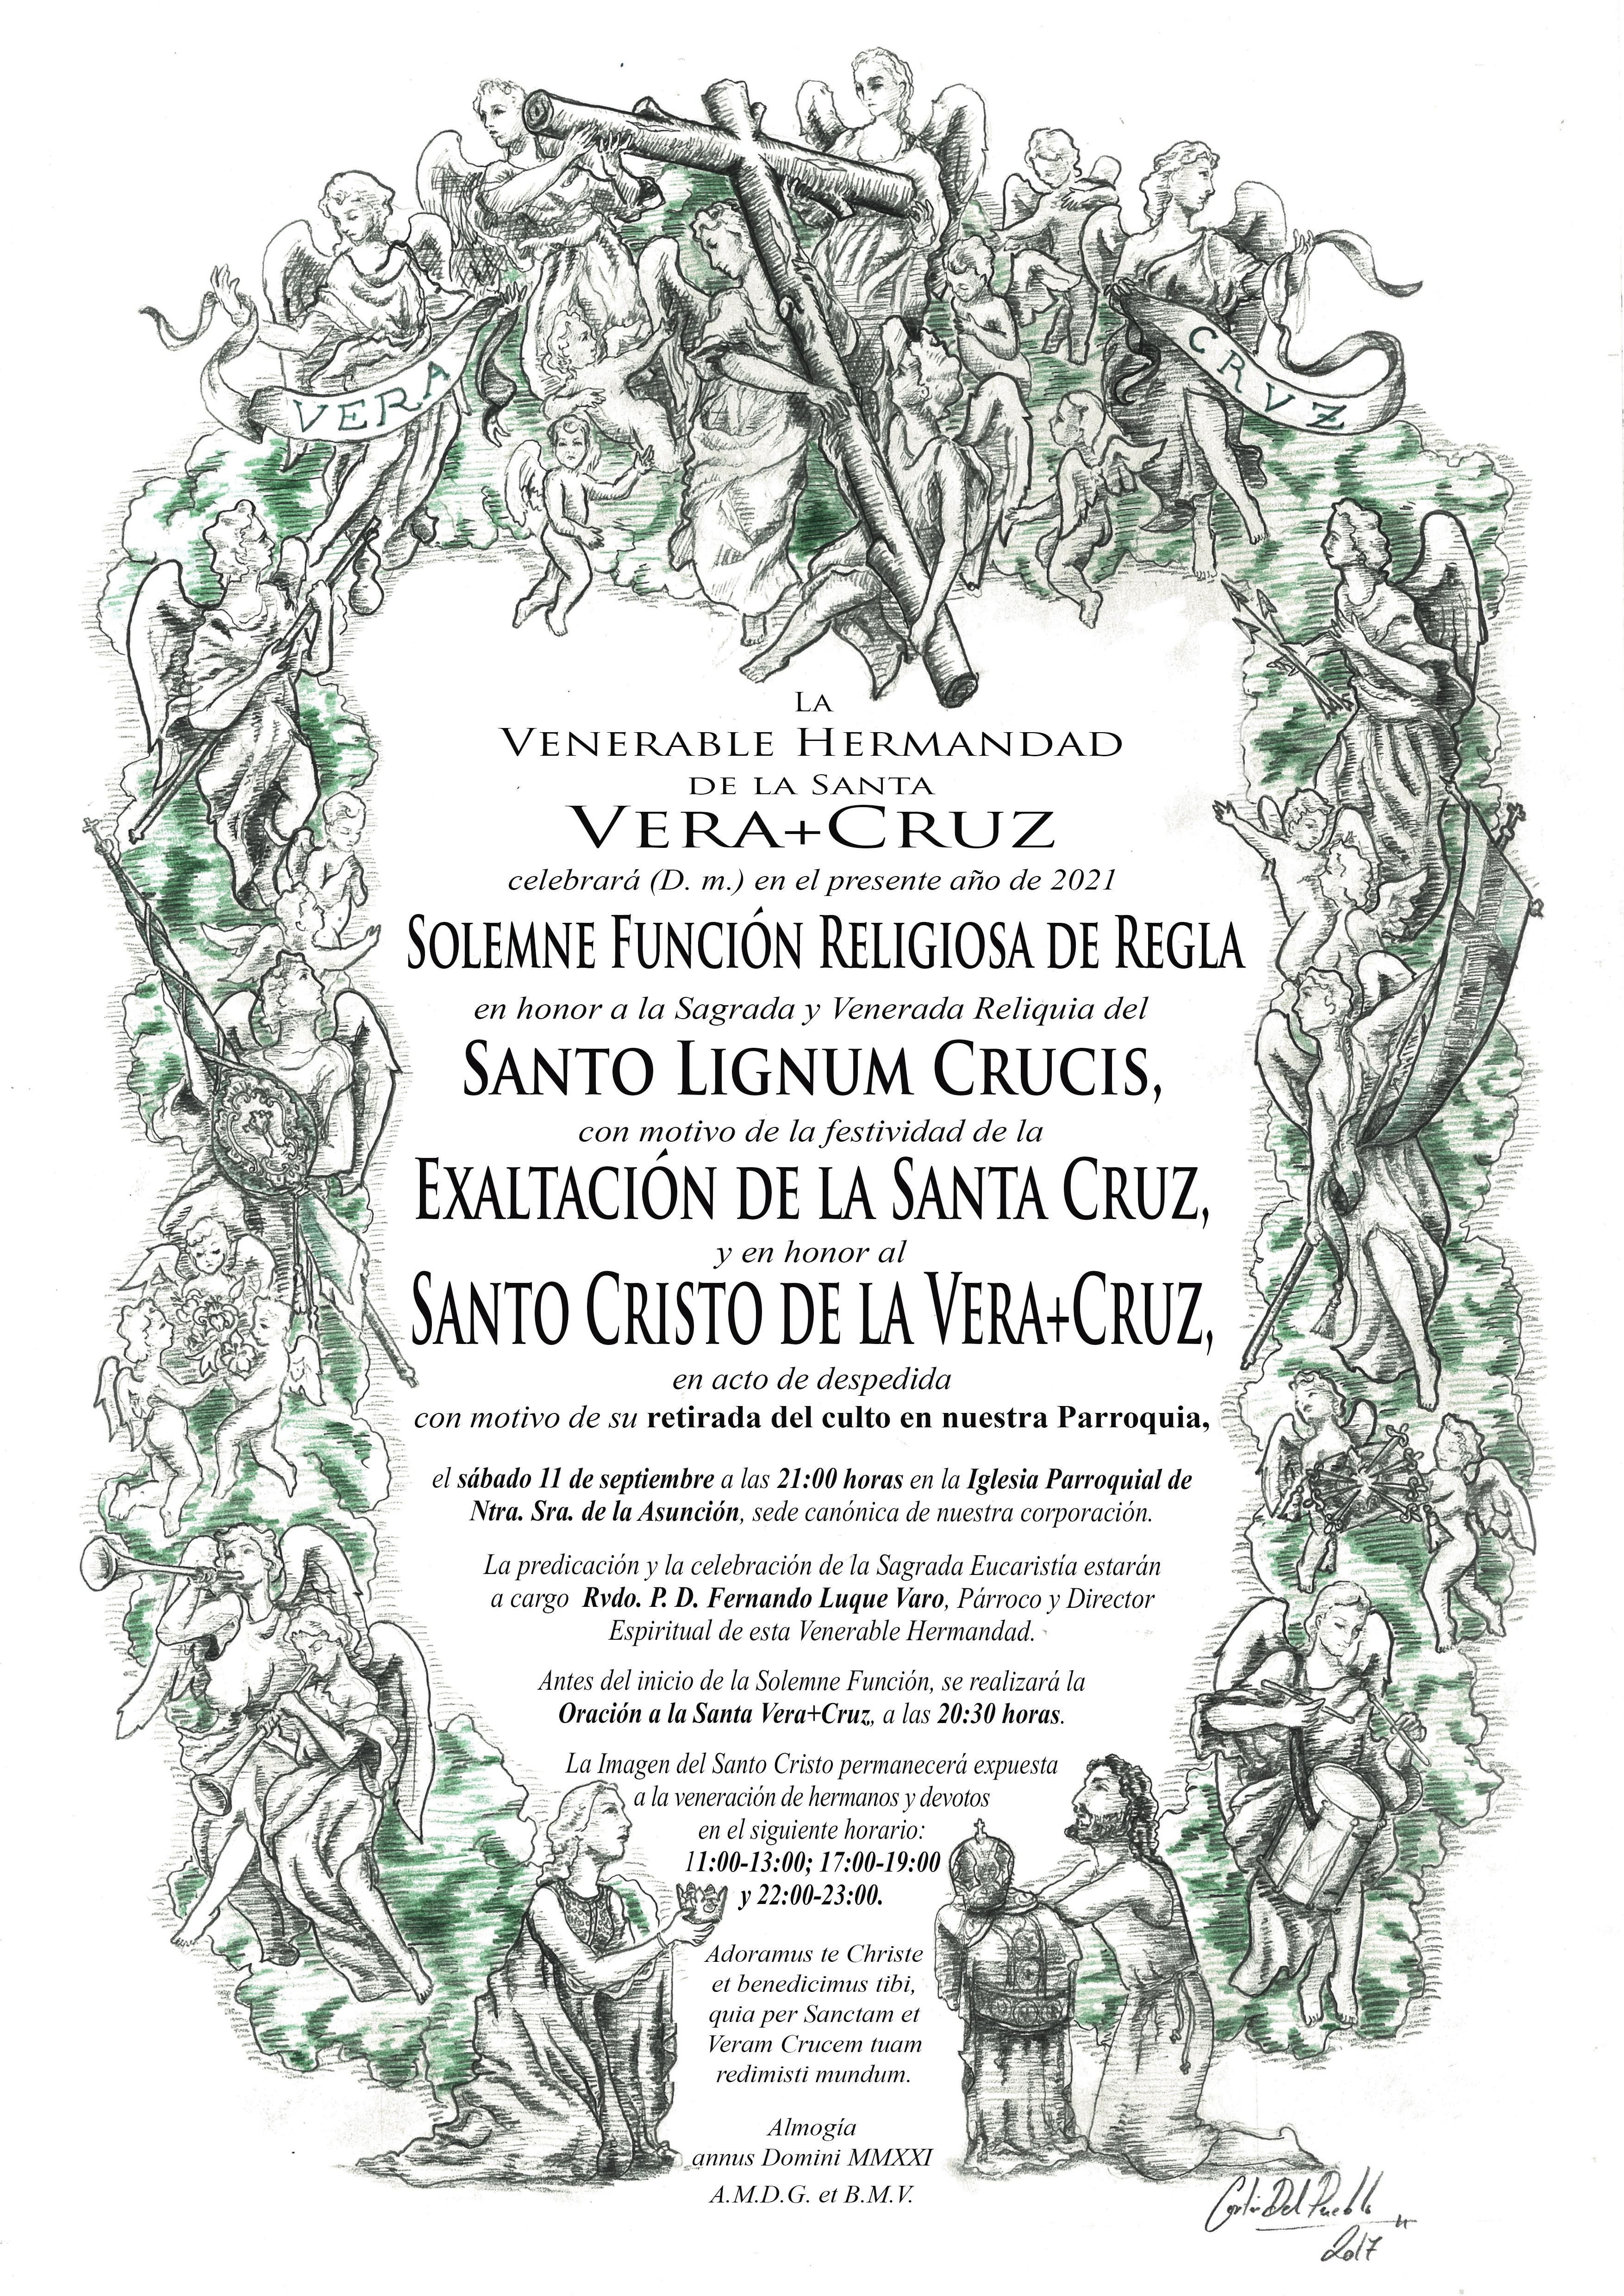 Solemne Función Religiosa de Regla en honor a la Sagrada y Venerada Reliquia del Santo Lignum Crucis, con motivo de la festividad de la Exaltación de la Santa Cruz, y en honor al Santo Cristo de la Vera+Cruz